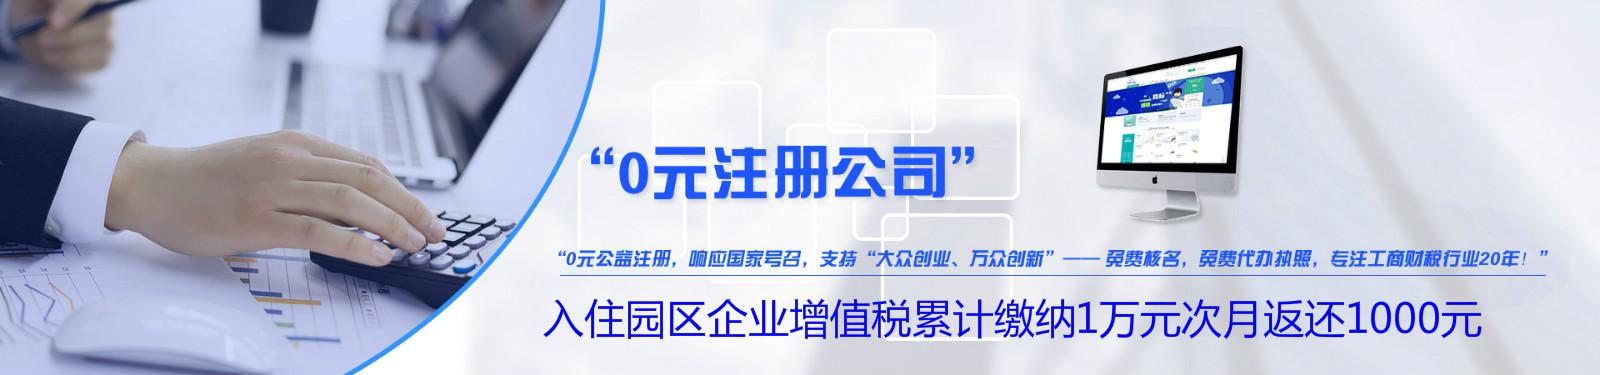 武清政府园区招商0元注册公司、免费提供注册地址、享受园区税收优惠政策-米多乐财务公司